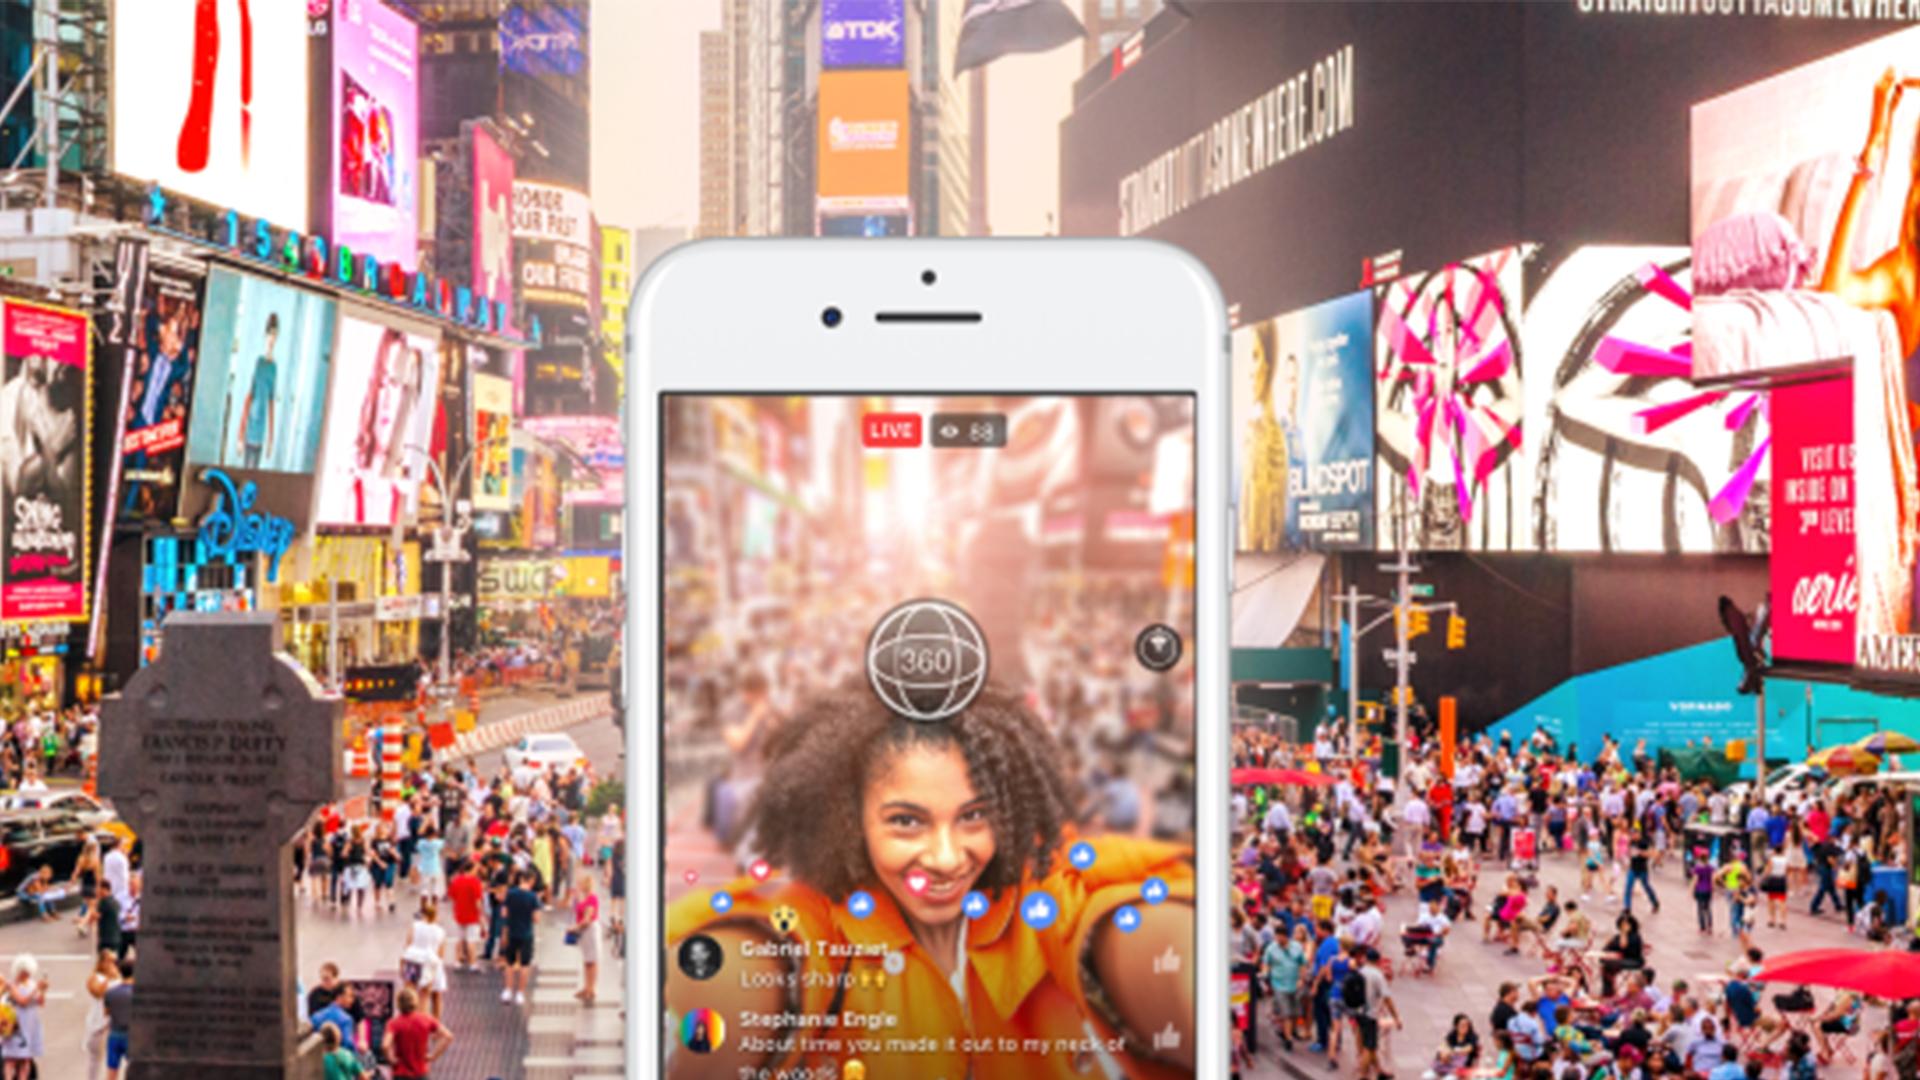 ข่าวดี! Facebook Live 360 สามารถถ่ายทอดแบบ 4K พร้อมกับฟีเจอร์ใหม่ในการรองรับ